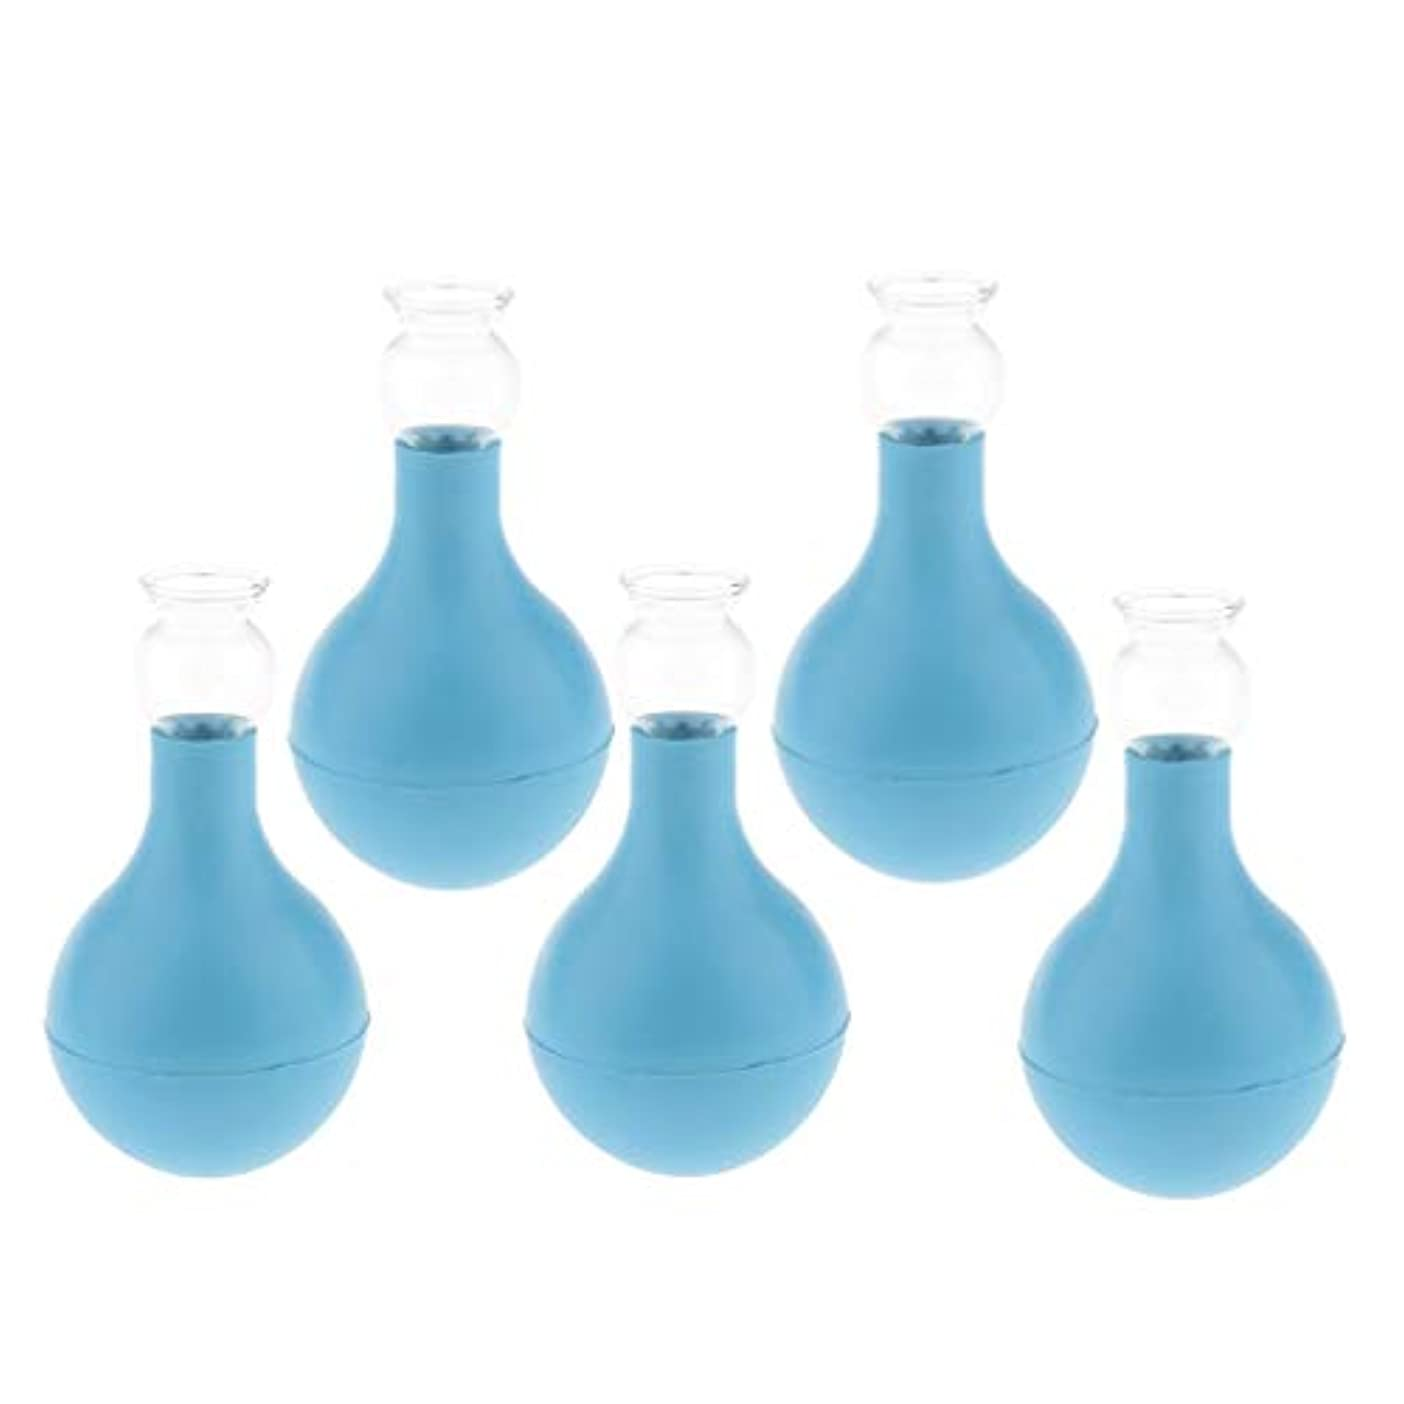 北極圏僕の退屈させるマッサージ 吸い玉 カッピング 5個 シリコン ガラス 顔 首 背中 胸 脚 全身用 2サイズ選ぶ - ブルー+ブルー3cm, 3cm